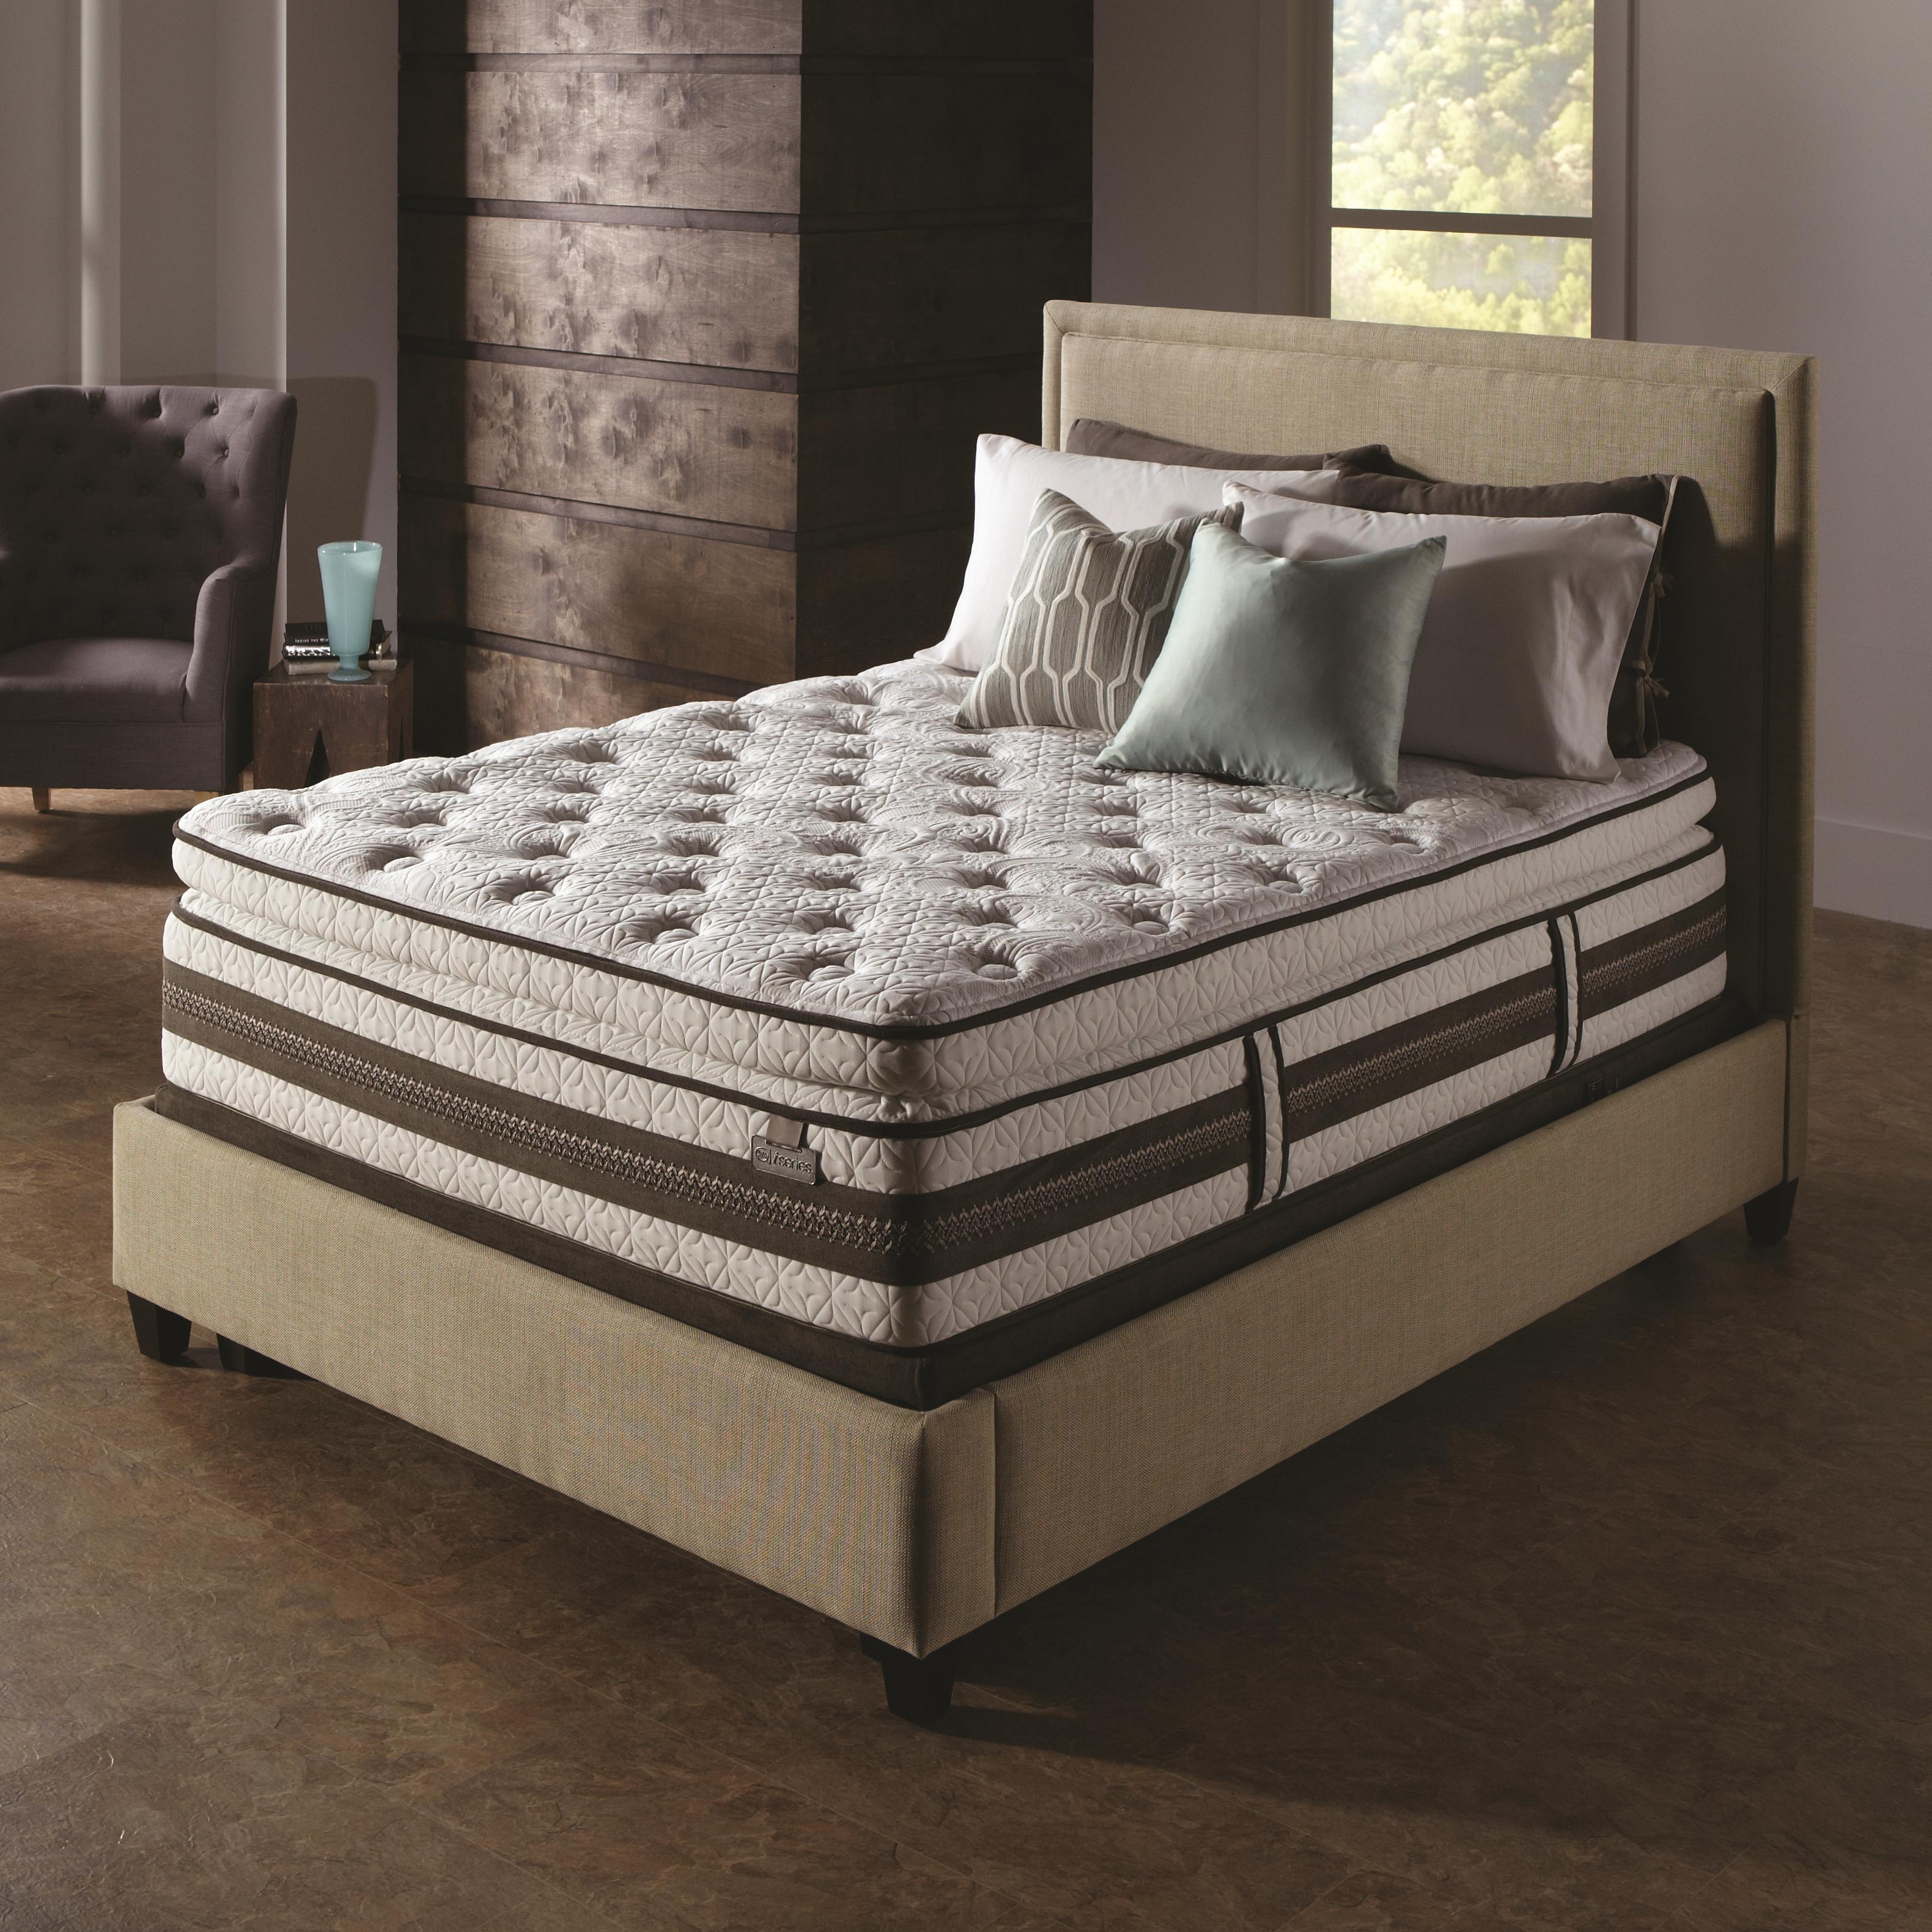 Serta iSeries Profiles Honoree Full Super Pillow Top Mattress - Item Number: 400833F